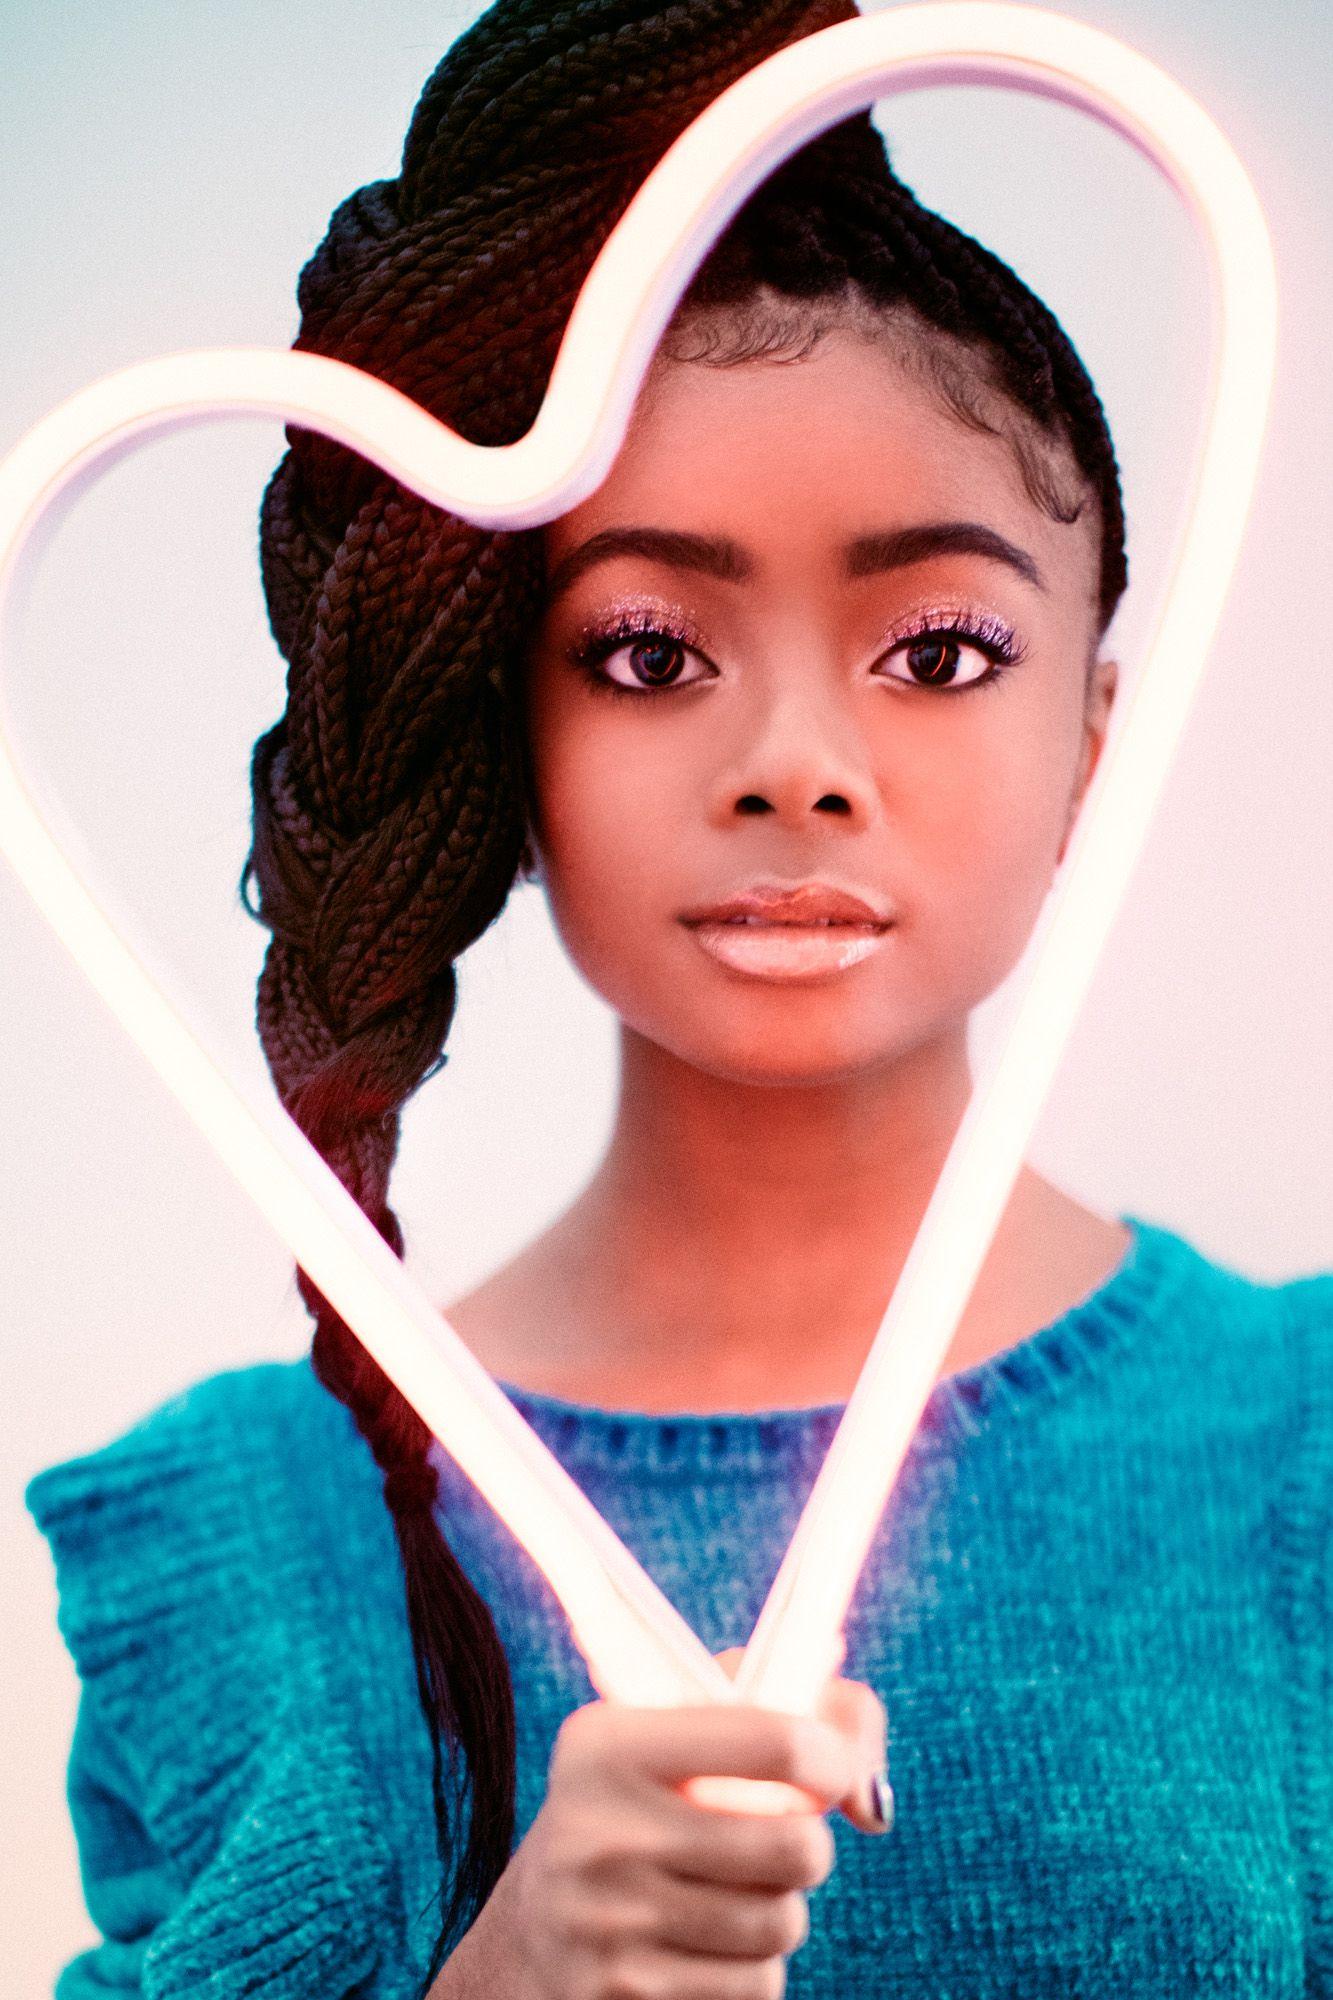 Søde sorte piger